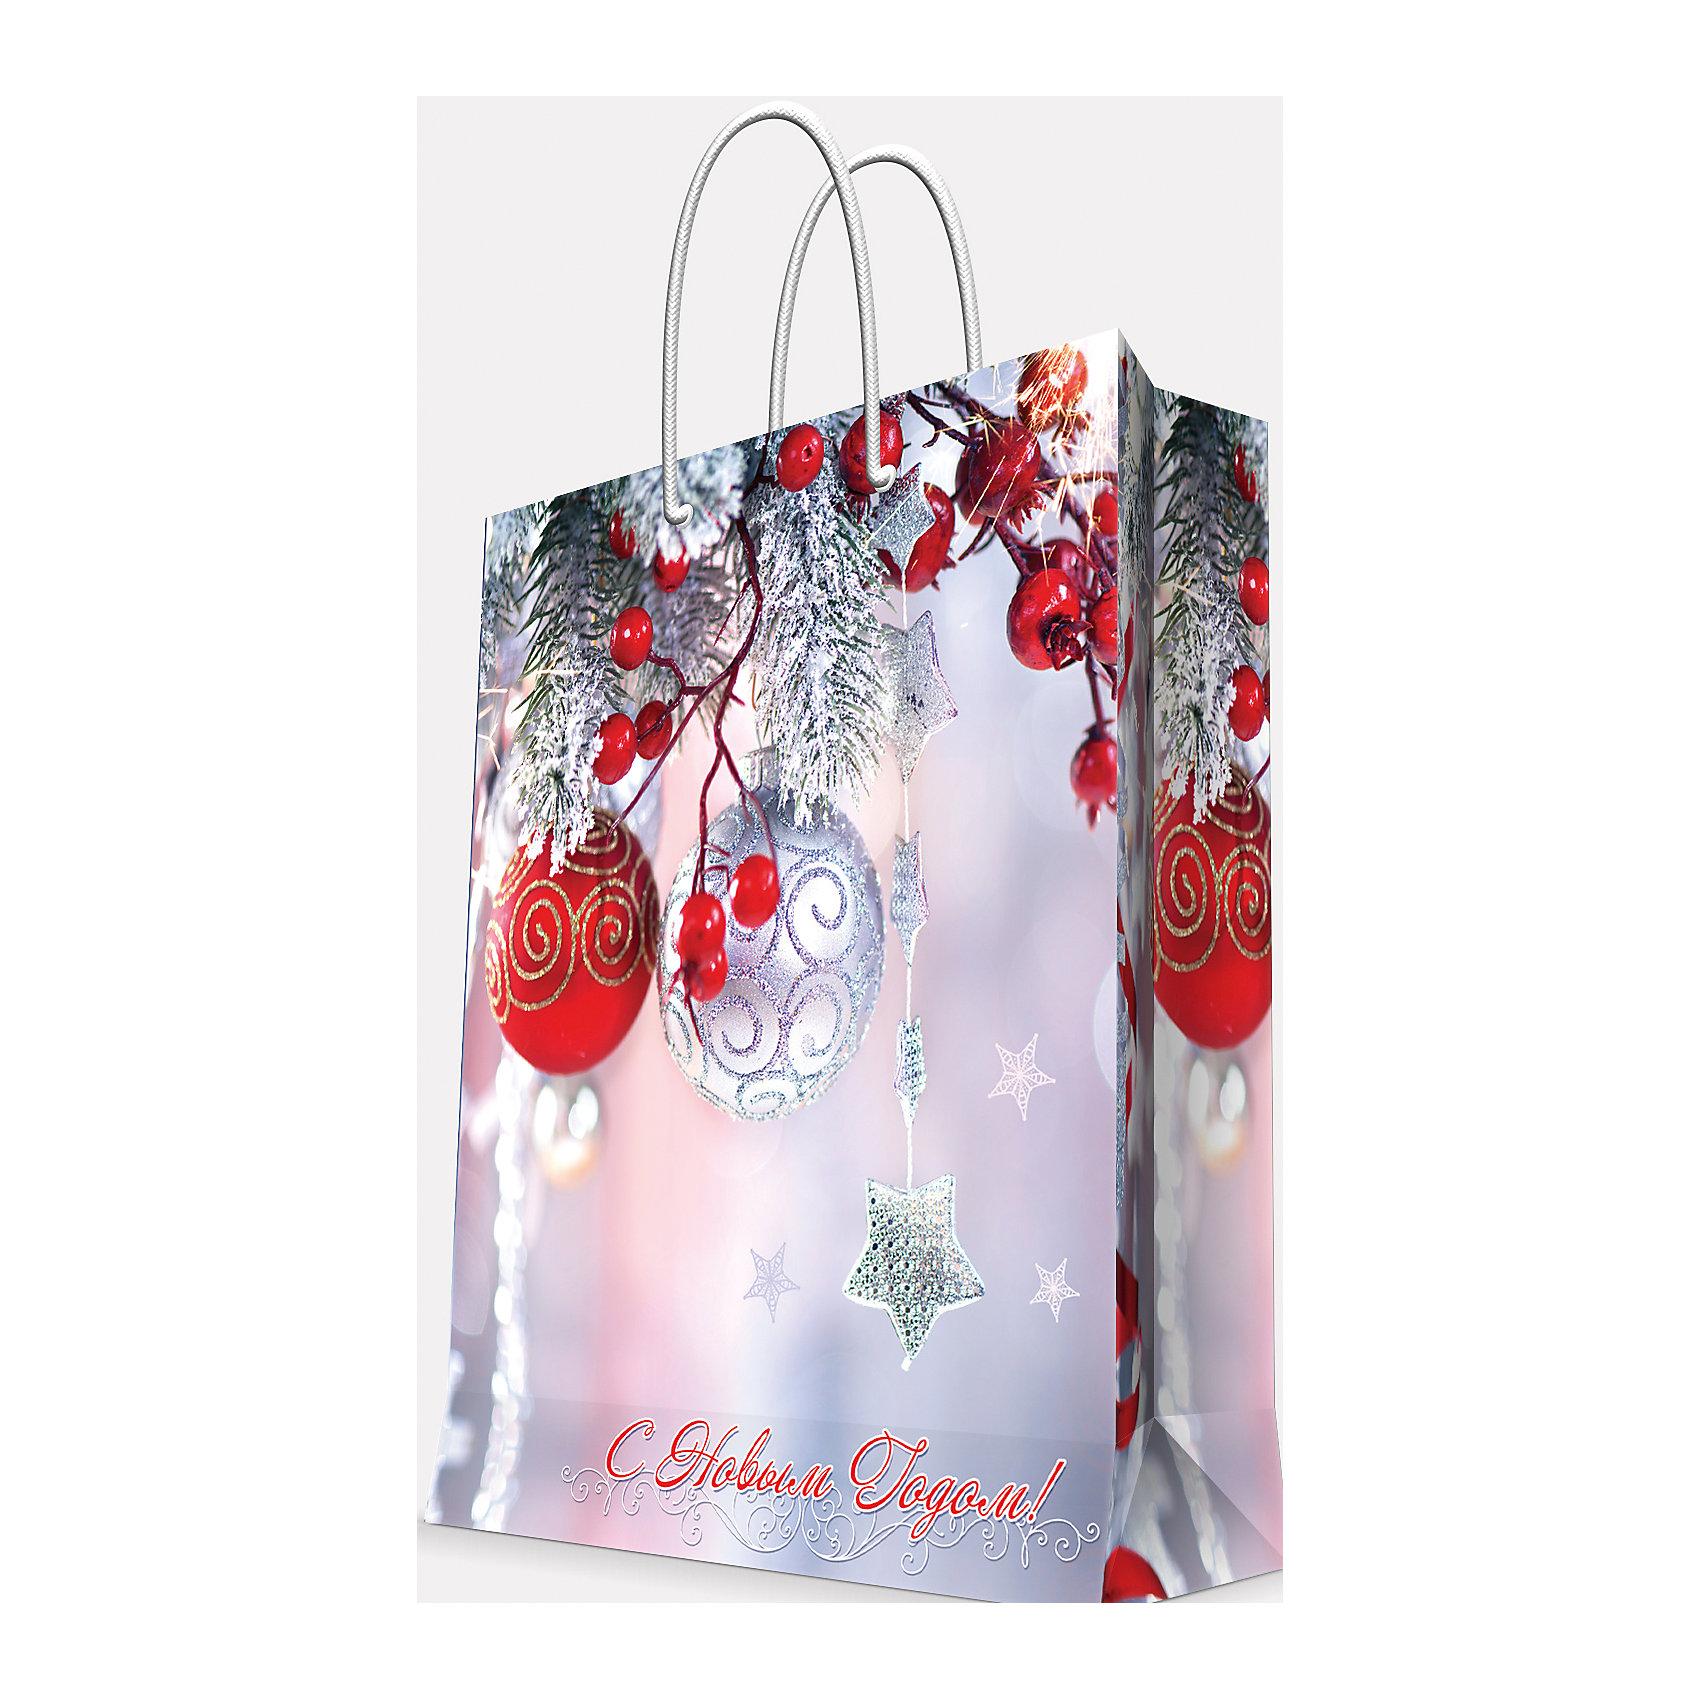 Подарочный пакет Шарики и звездочка 40,6*48,9*19 смВсё для праздника<br>Приближение Нового года не может не радовать! Праздничное настроение создает украшенный дом, наряженная ёлка, запах мандаринов, предновогодняя суета и, конечно же, подарки! Чтобы сделать момент вручения приятнее, нужен красивый подарочный пакет.<br>Этот пакет украшен симпатичным универсальным рисунком, поэтому в него можно упаковать подарок и родственнику, и коллеге. Он сделан из безопасного для детей, прочного, но легкого, материала. Создайте с ним праздничное настроение себе и близким!<br><br>Дополнительная информация:<br><br>плотность бумаги: 157 г/м2;<br>размер: 41 х 49 х 19 см;<br>с ламинацией;<br>украшен рисунком.<br><br>Подарочный пакет Шарики и звездочка 40,6*48,9*19 см можно купить в нашем магазине.<br><br>Ширина мм: 406<br>Глубина мм: 489<br>Высота мм: 190<br>Вес г: 154<br>Возраст от месяцев: 36<br>Возраст до месяцев: 2147483647<br>Пол: Унисекс<br>Возраст: Детский<br>SKU: 4981607